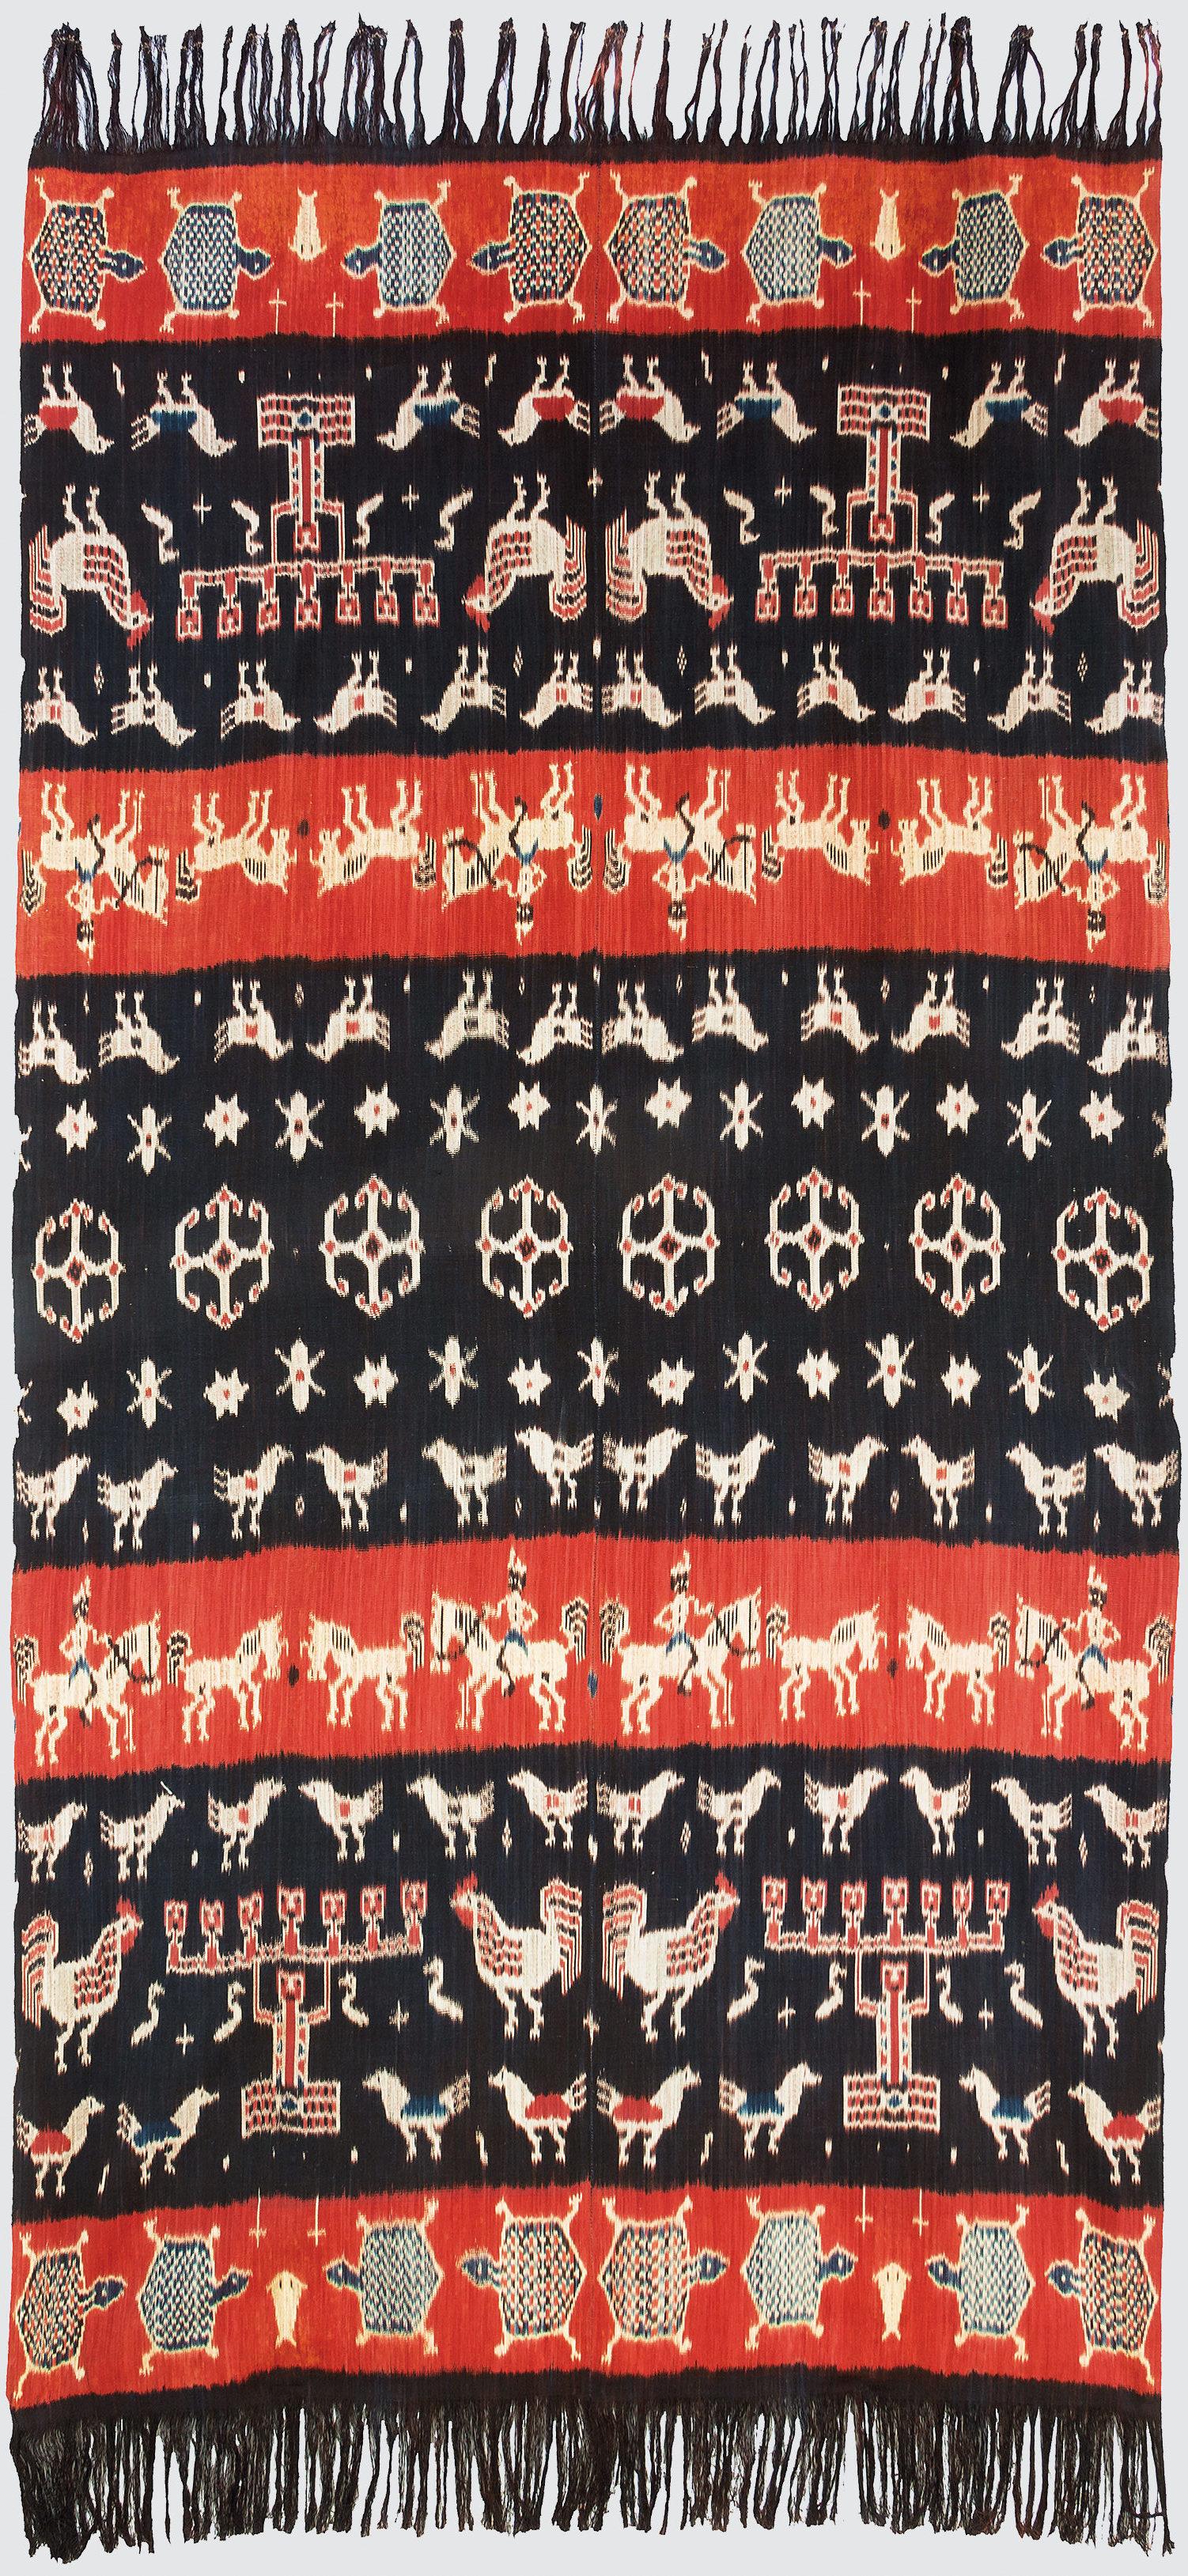 Hinggi Kombu, tissu d'épaule pour les chefs, 118 cm x 230 cm, coton, ikat chaîne, collecté en 1992, Kaliuda, Sumba, Indonésie. Photo Rémy Prin